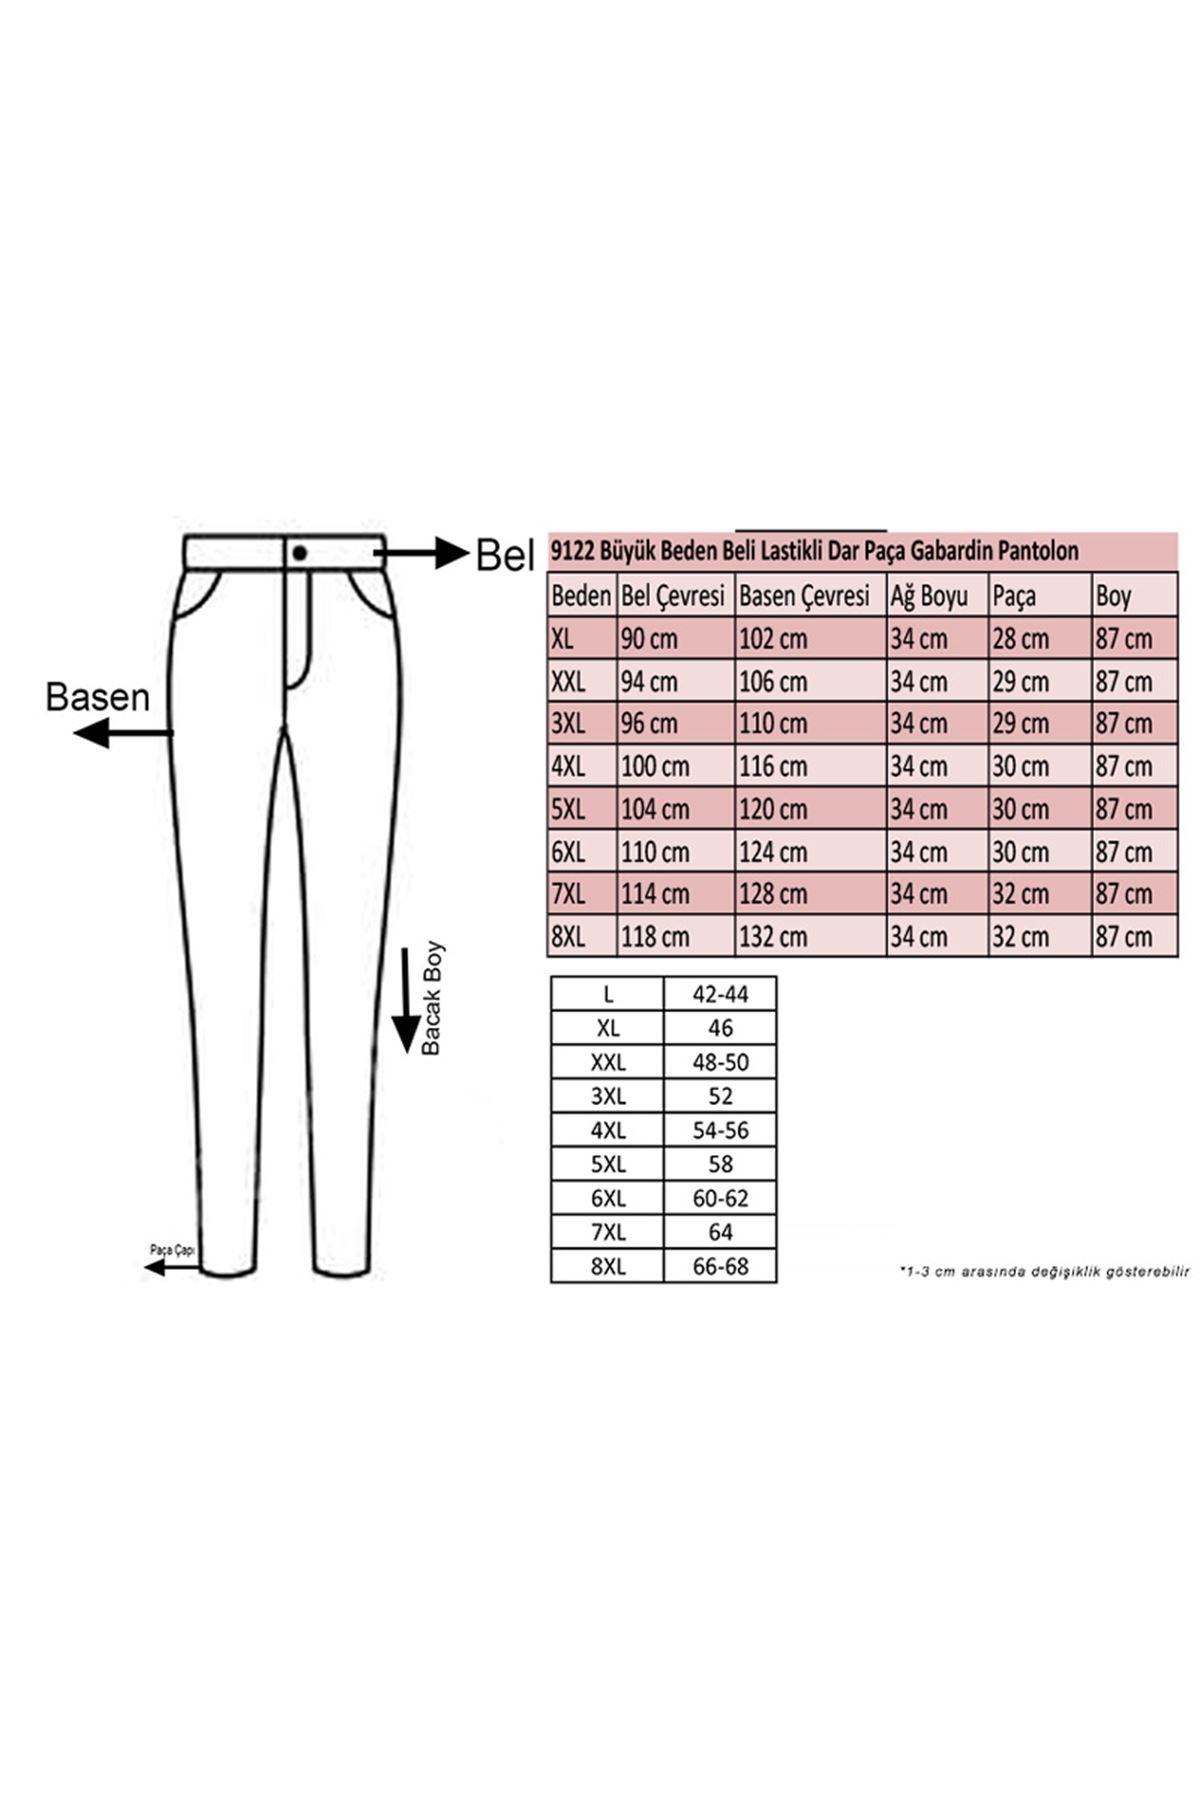 9122 Büyük Beden Beli Lastikli Dar Paça Gabardin Pantolon - Siyah